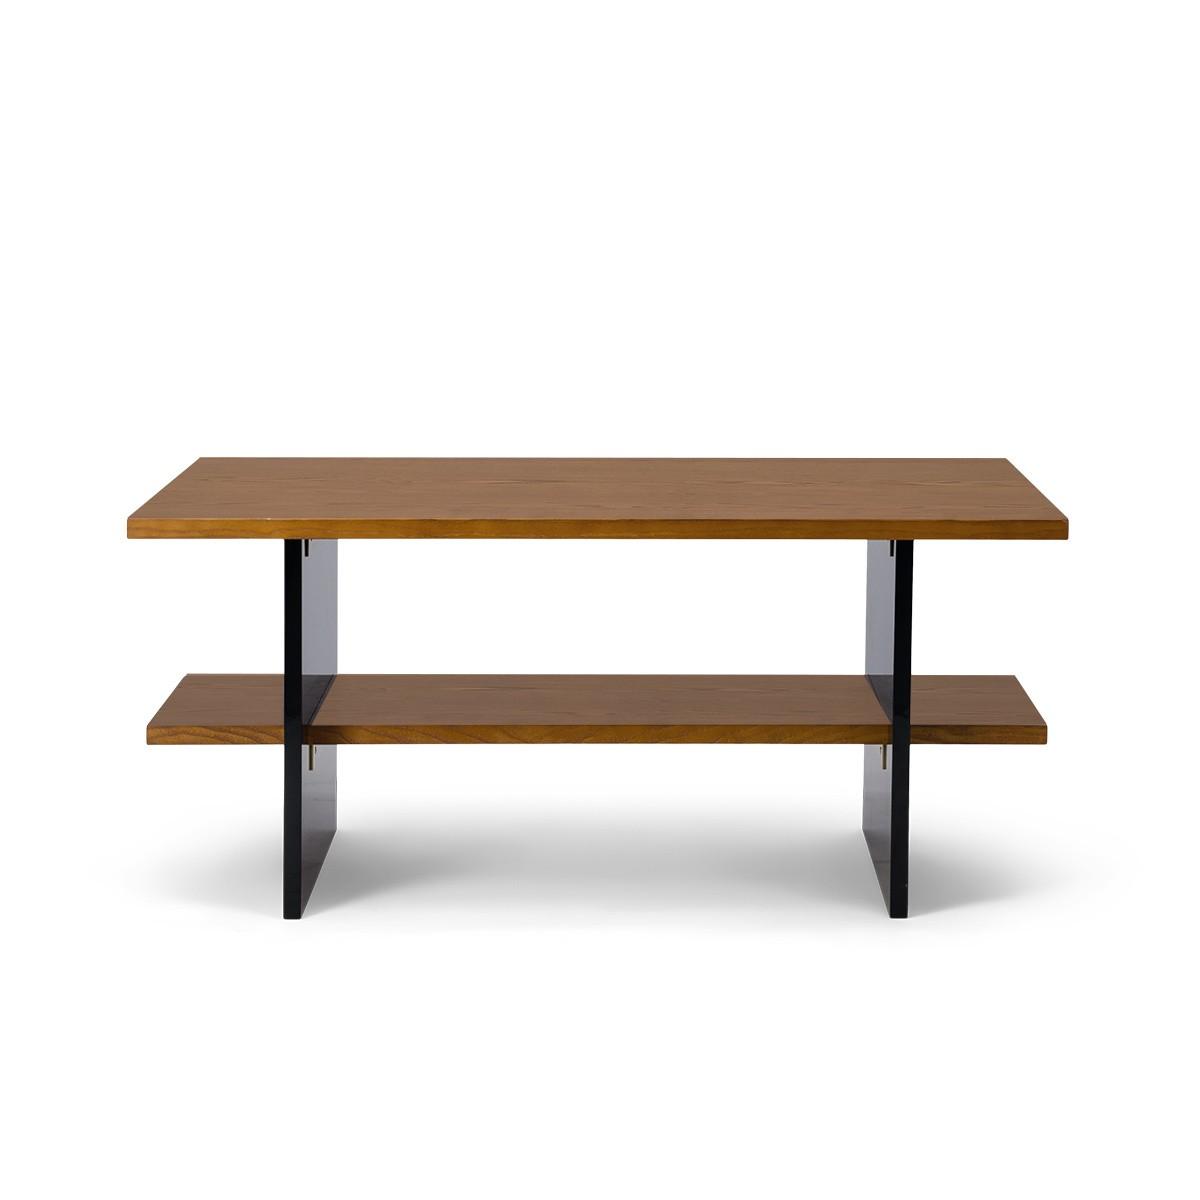 Orso Coffee Table in Iroko Wood Finish